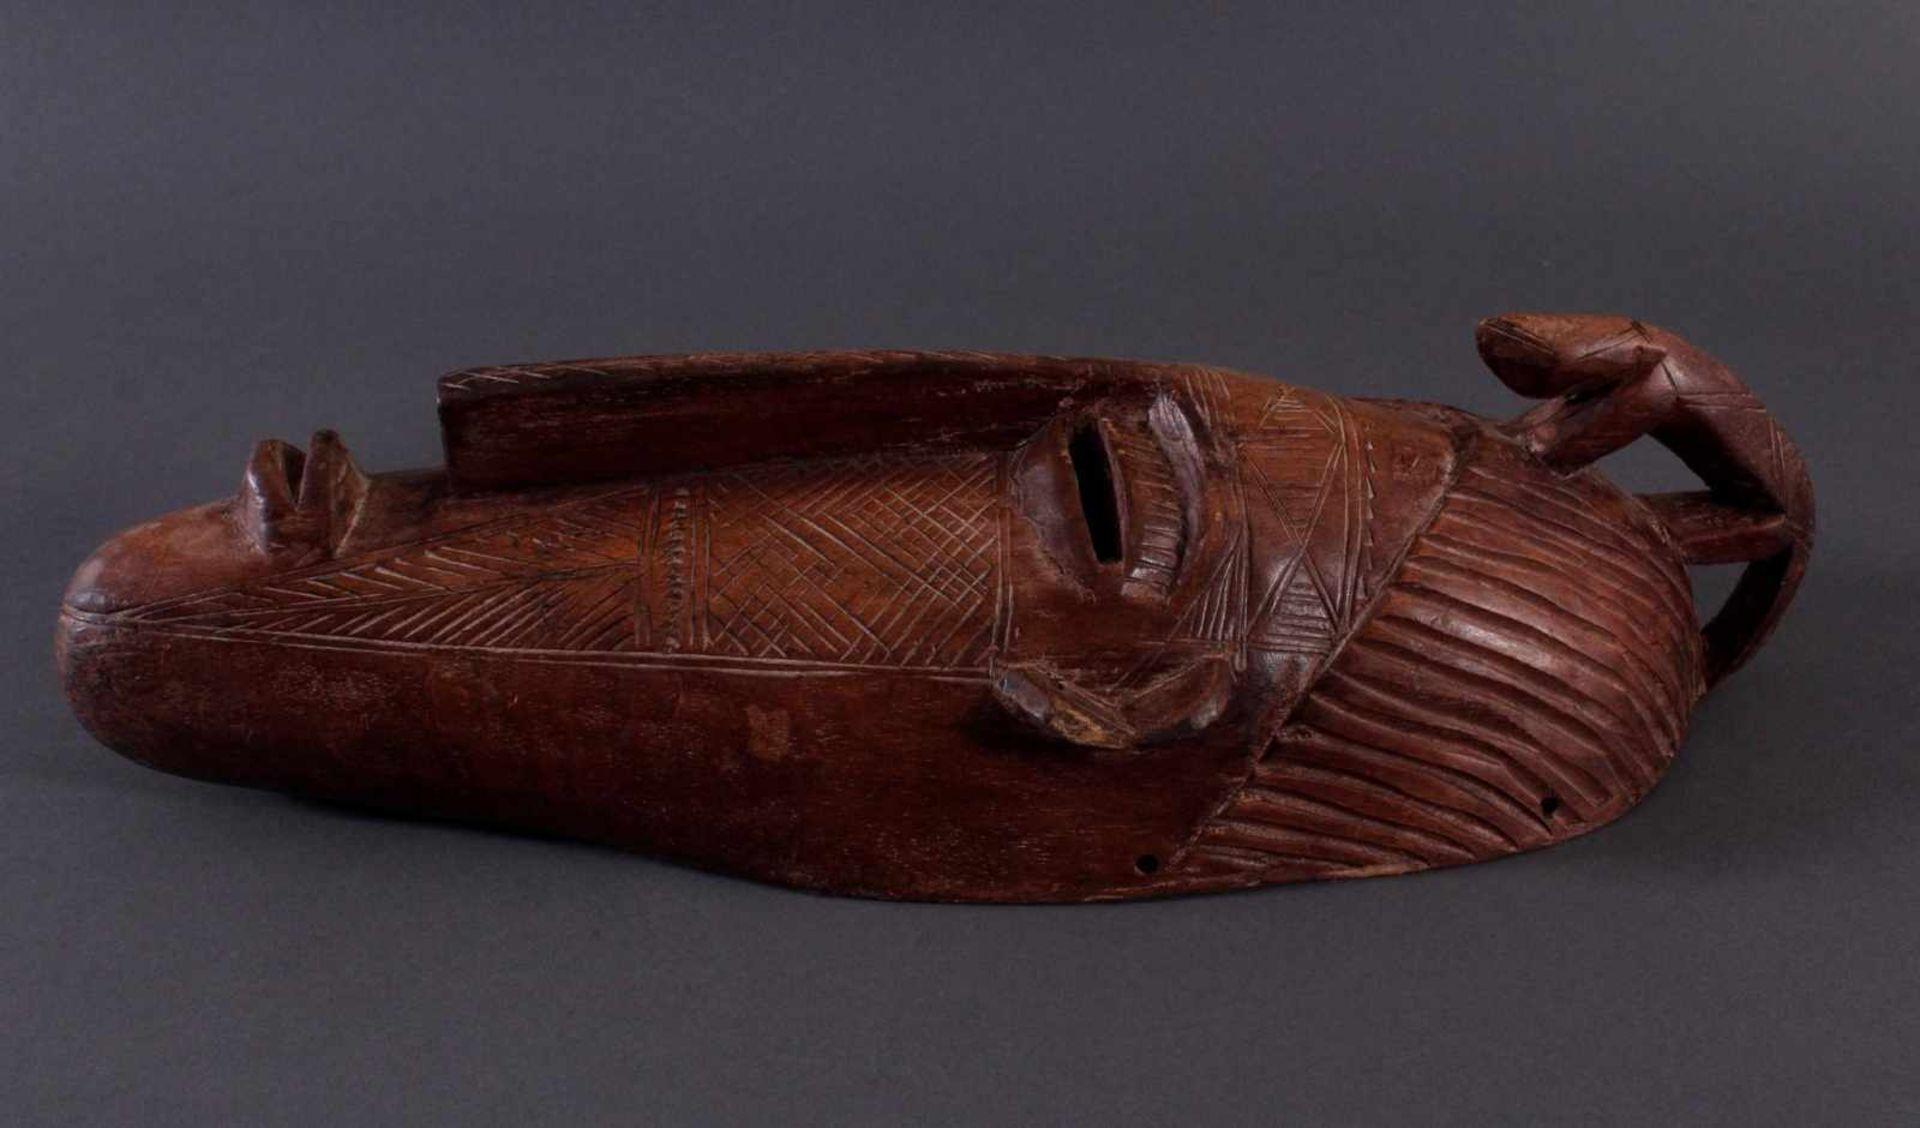 Antike Maske, Bambara, Mali 1. Hälfte 20. Jh.Holz geschnitzt, Musterritzungen, mit Chamäleon- - Bild 3 aus 6